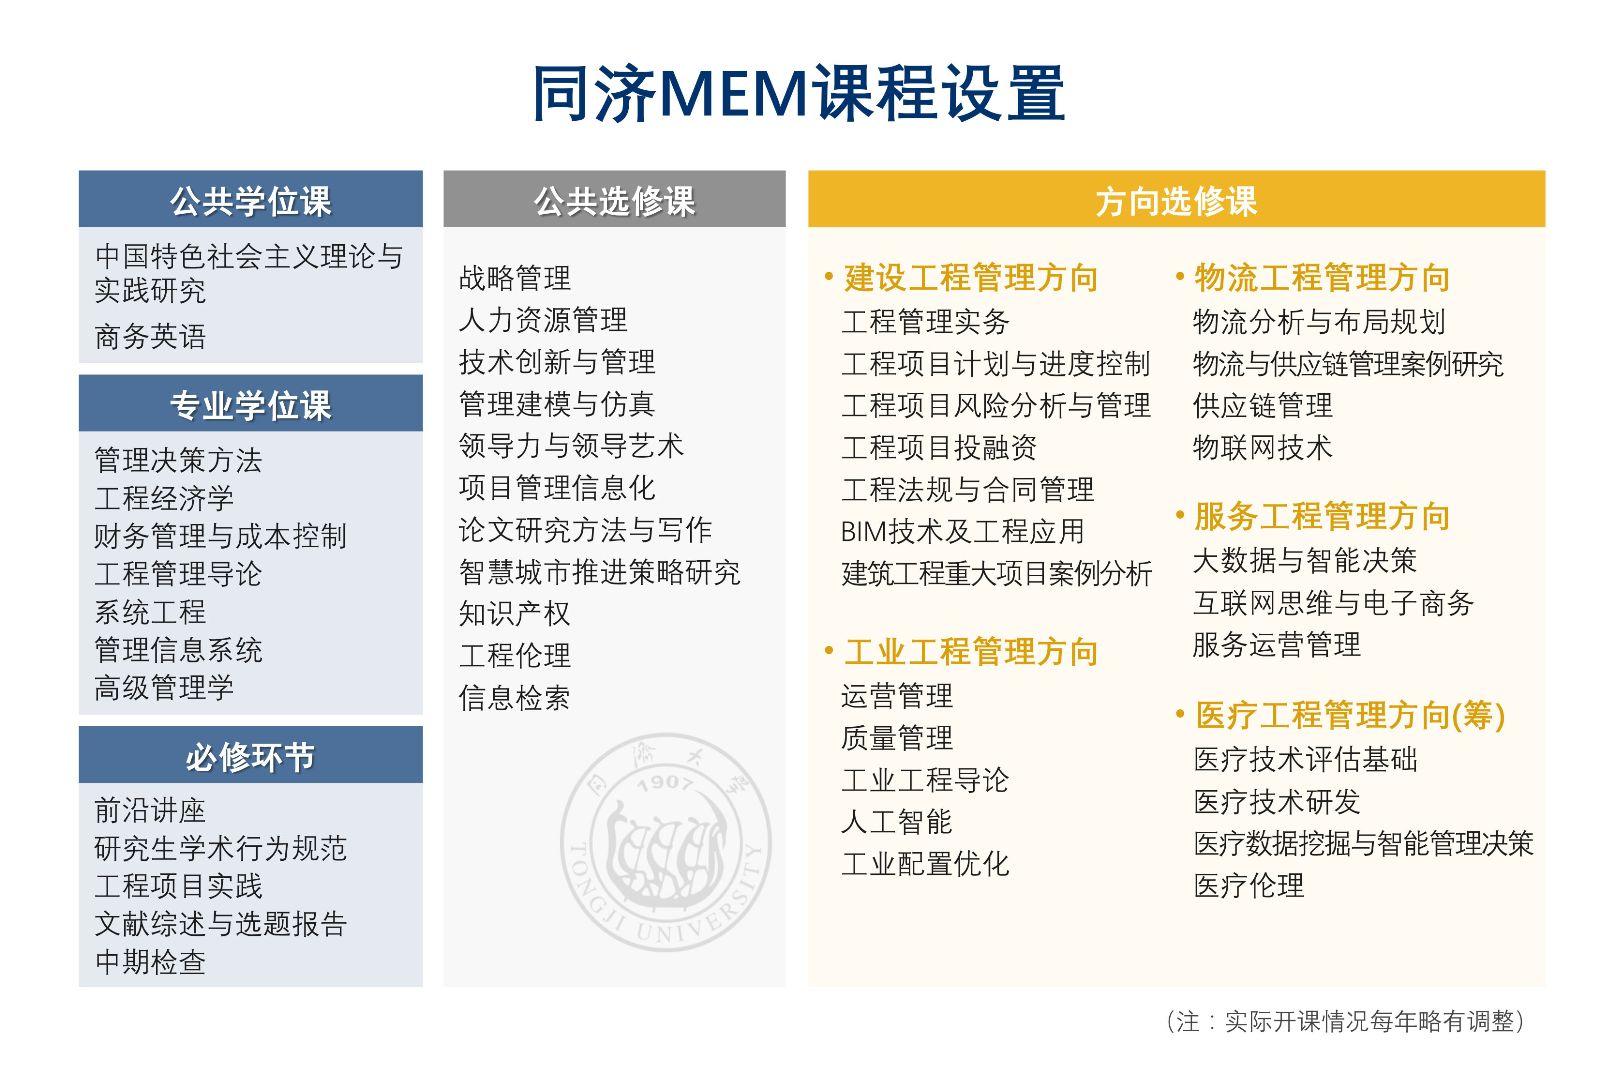 同济大学MEM课程设置